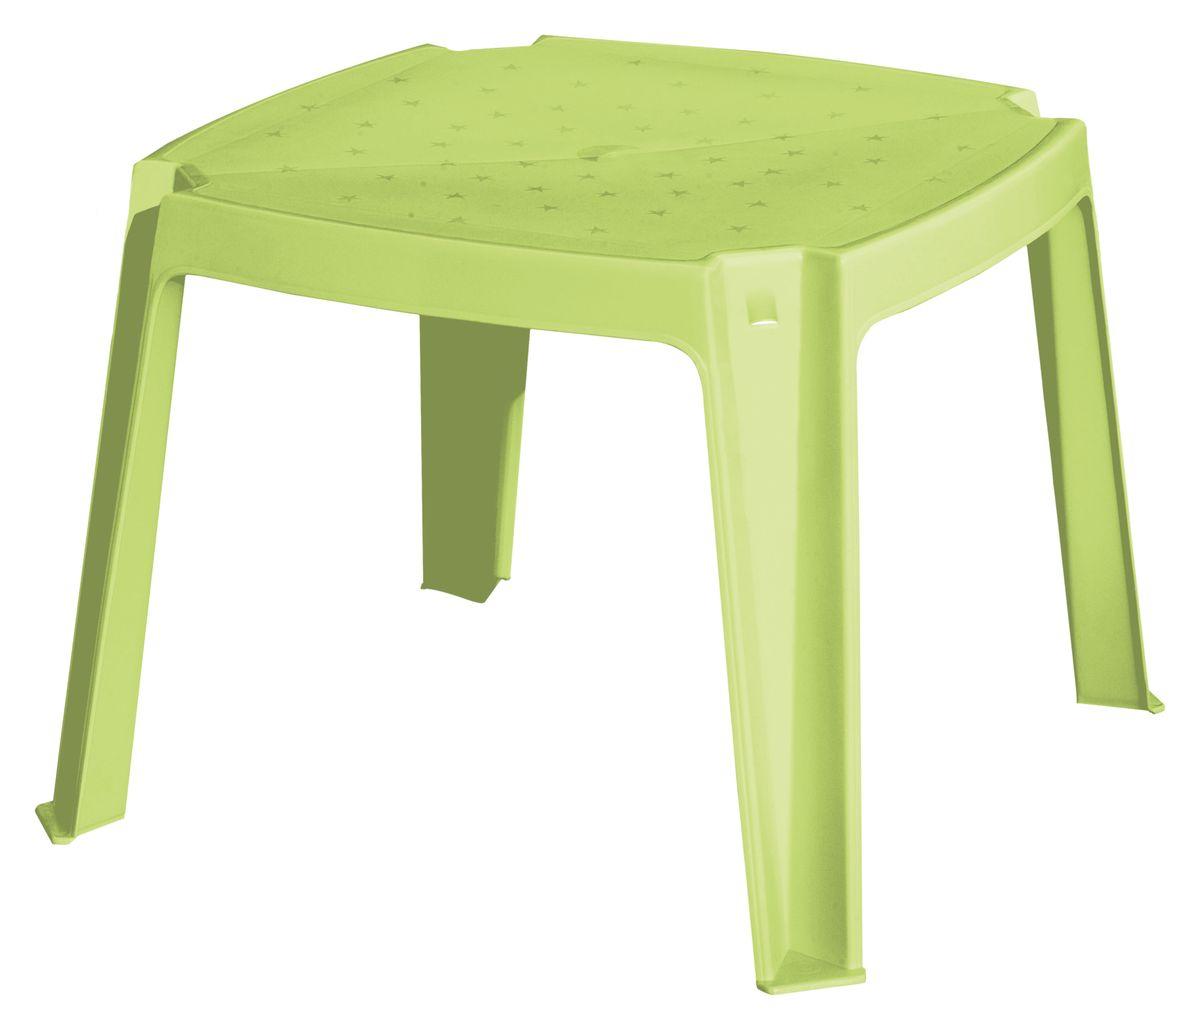 Marian Plast Стол детский без карманов0615990HL5Удобный детский столик необходим каждому ребенку. За столиком ребенок может играть, заниматься творчеством. Столик сделан из прочного, но легкого пластика.